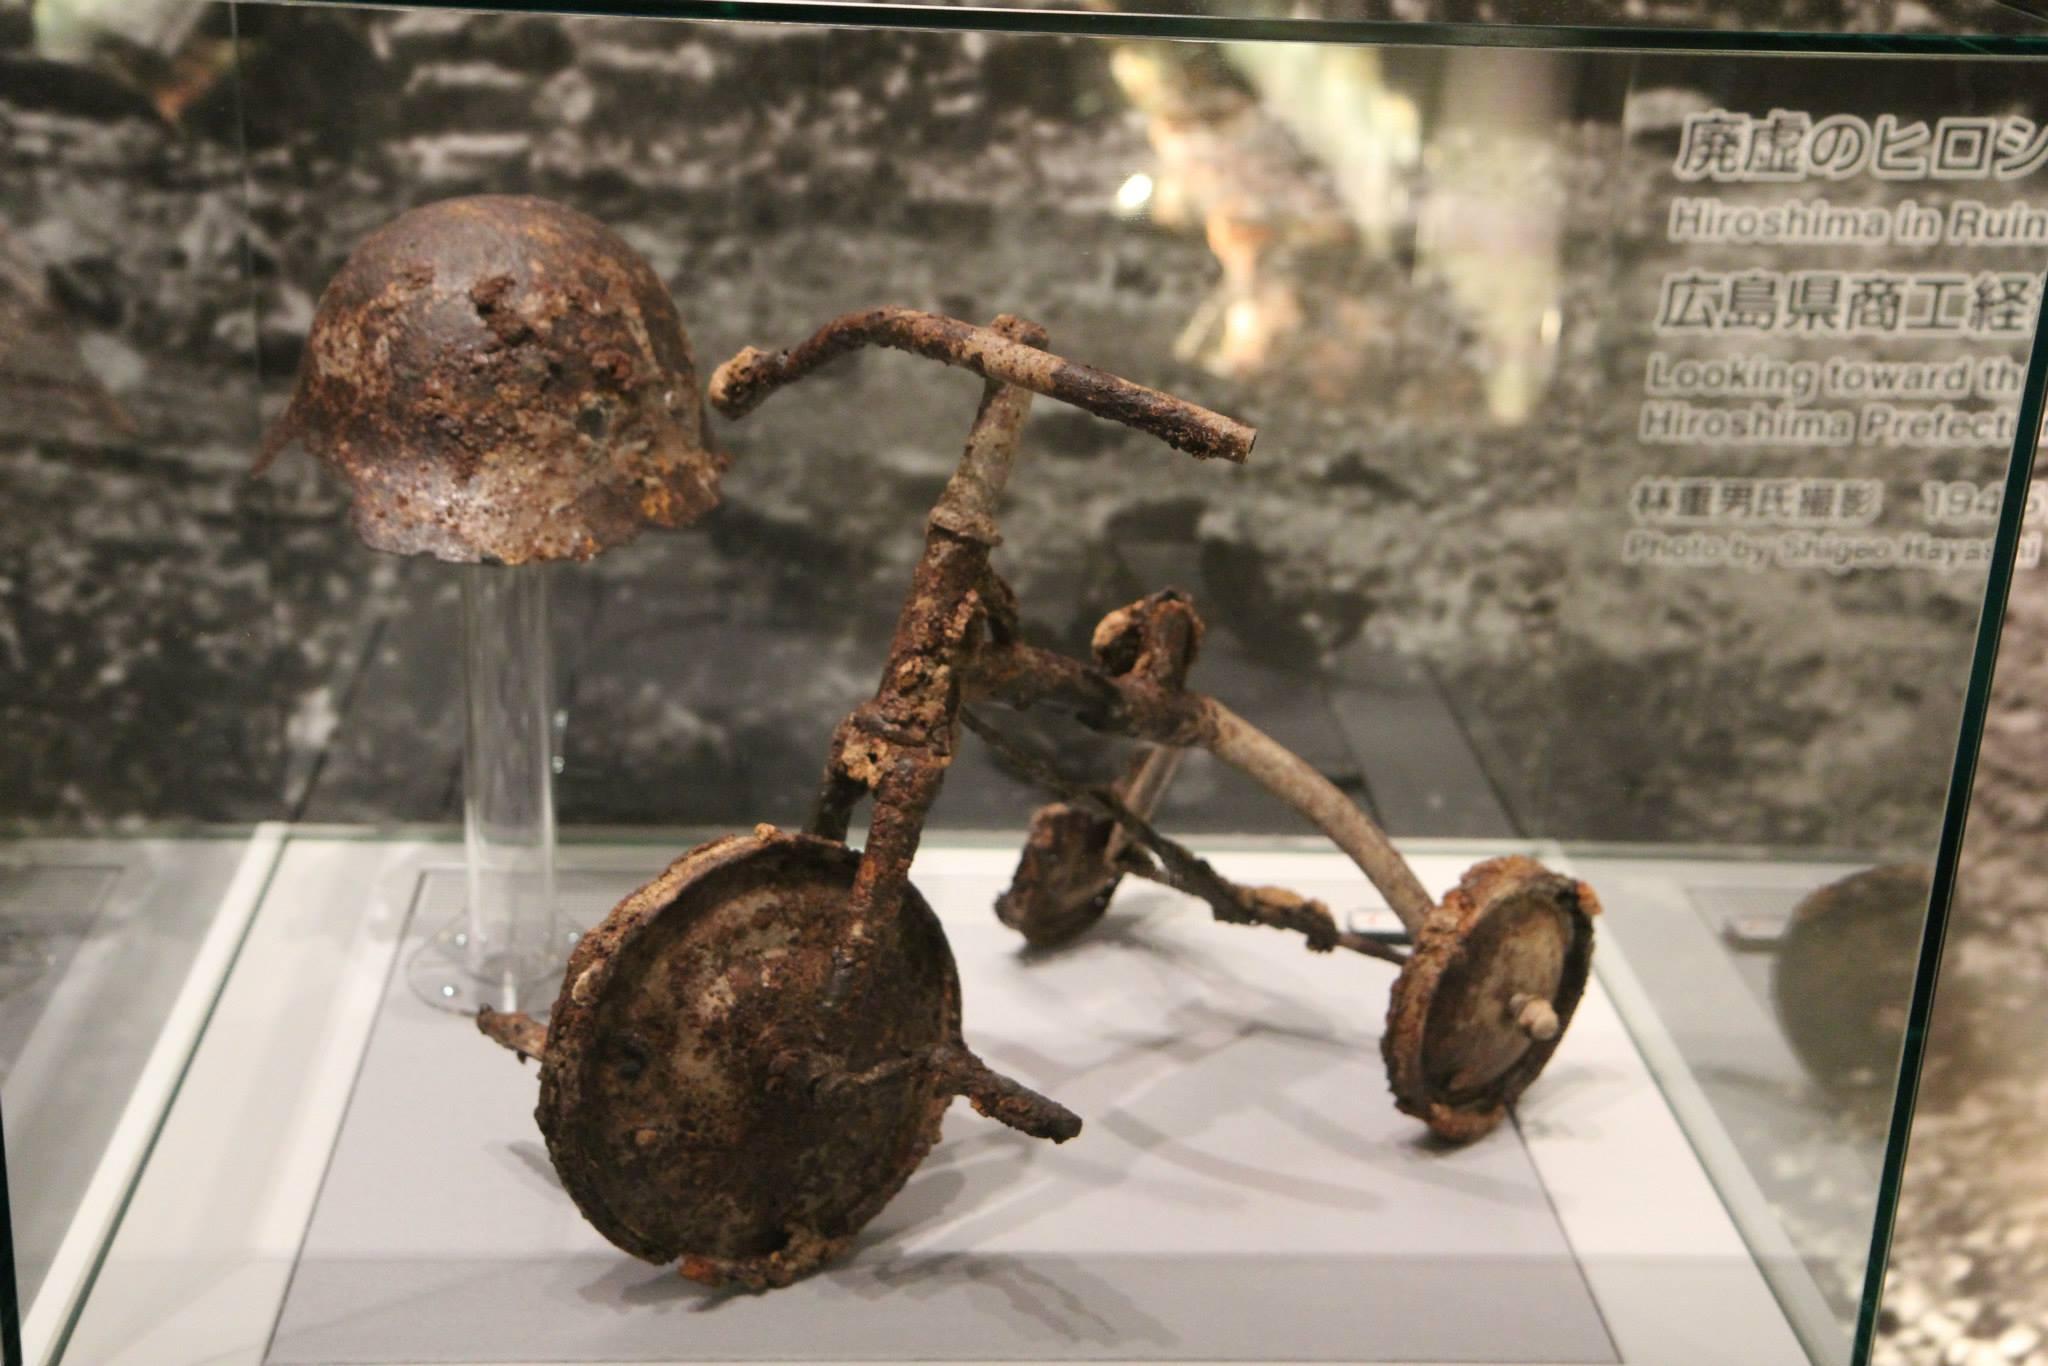 Een driewielertje in het Memorial Museum in Hiroshima